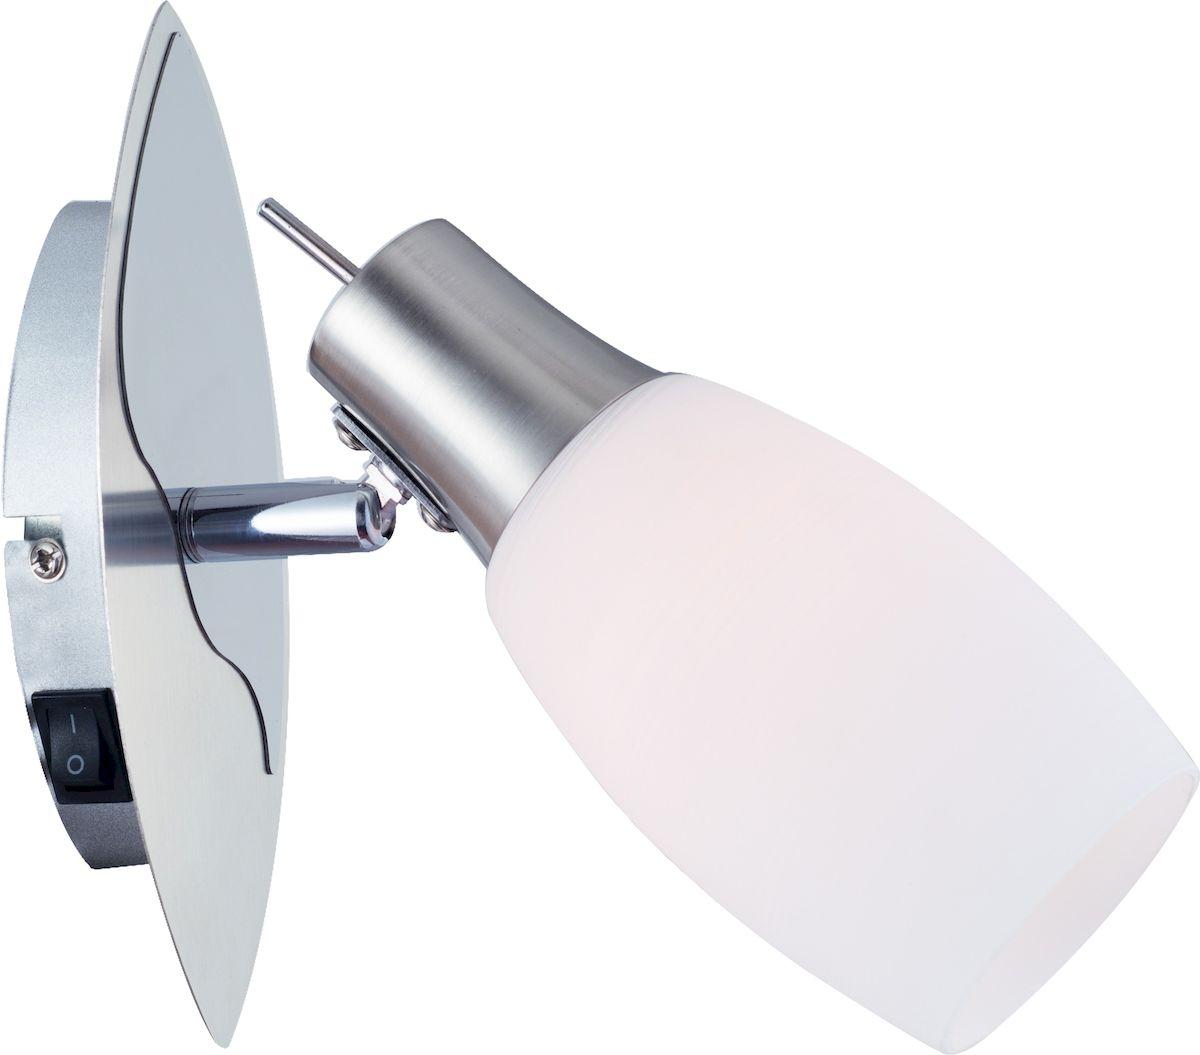 Светильник настенный Arte Lamp Volare. A4590AP-1SSA4590AP-1SSСветильник Arte Lamp Volare поможет создать в вашем доме атмосферу уюта и комфорта. Благодаря высококачественным материалам он практичен в использовании и отлично работает на протяжении долгого периода времени. Удаление от стены: 22 см. Цоколь Е14, 1 шт, 40 Ватт. Поворотный плафон. Выключатель на корпусе. Крепление: монтажная планка шурупами.